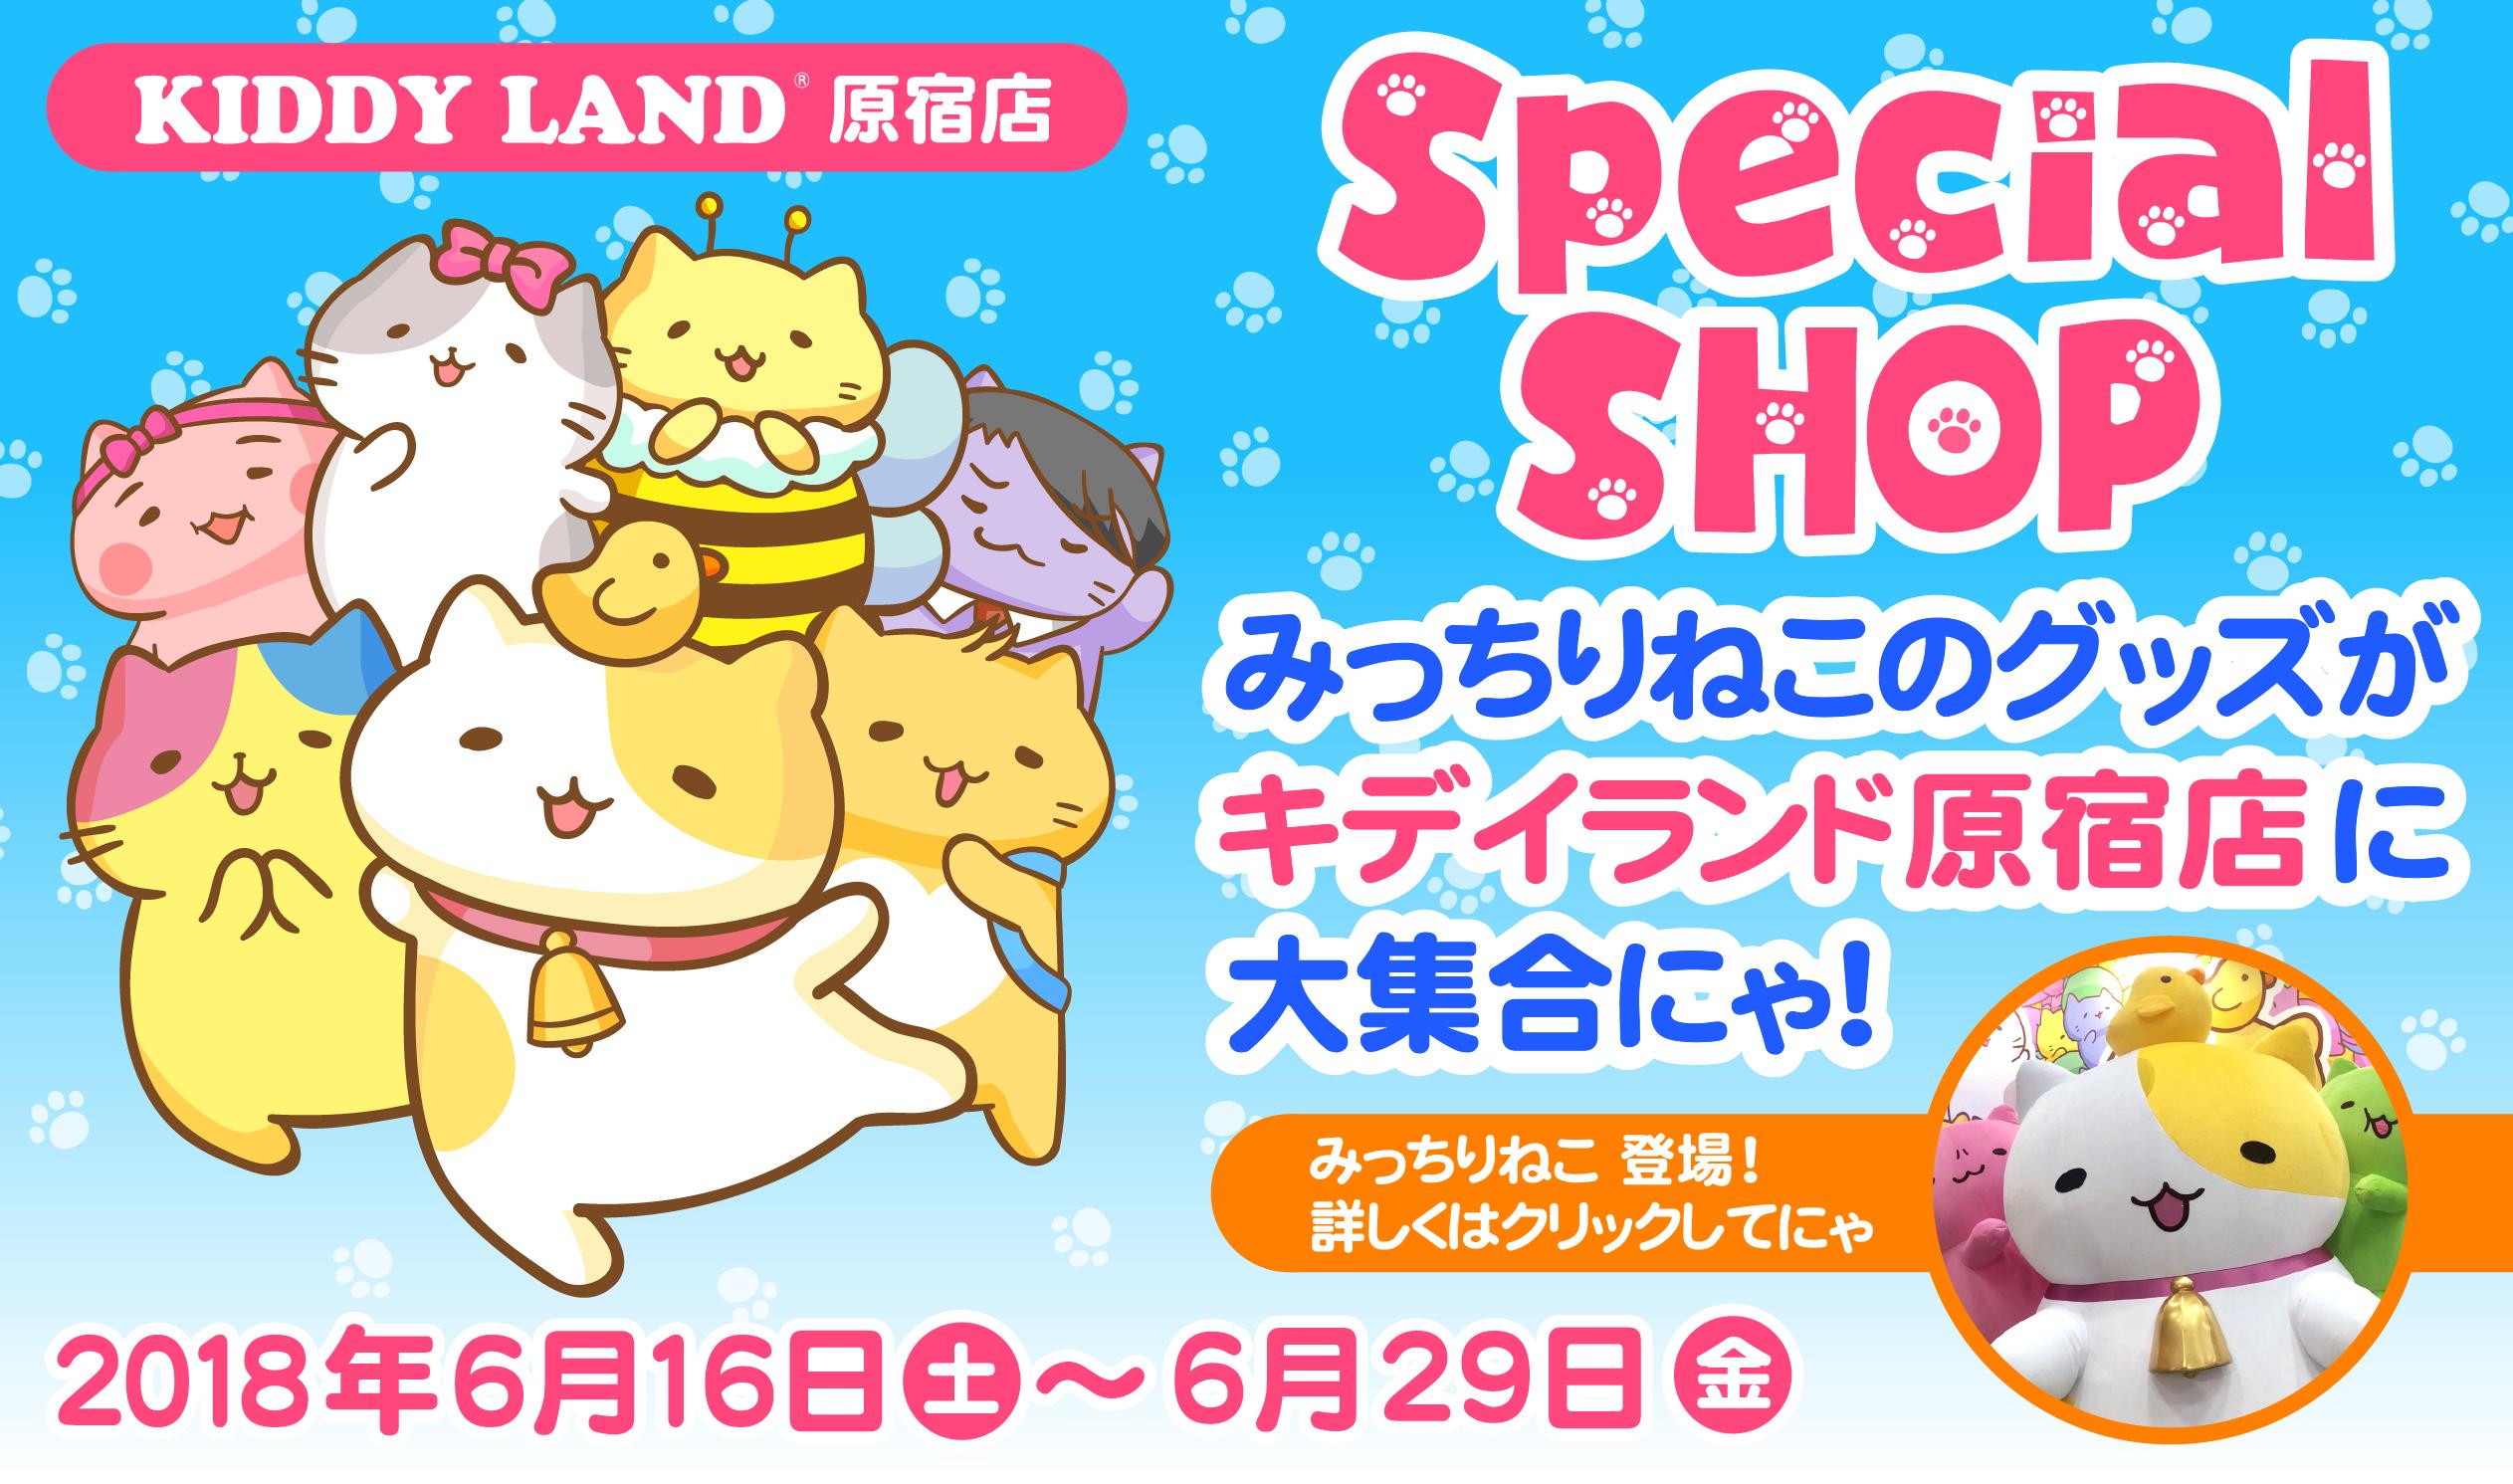 http://news.yoshimoto.co.jp/20180612164741-27c2d41a9a9f6a55f0ffc8532b2fedeaa98eada0.png